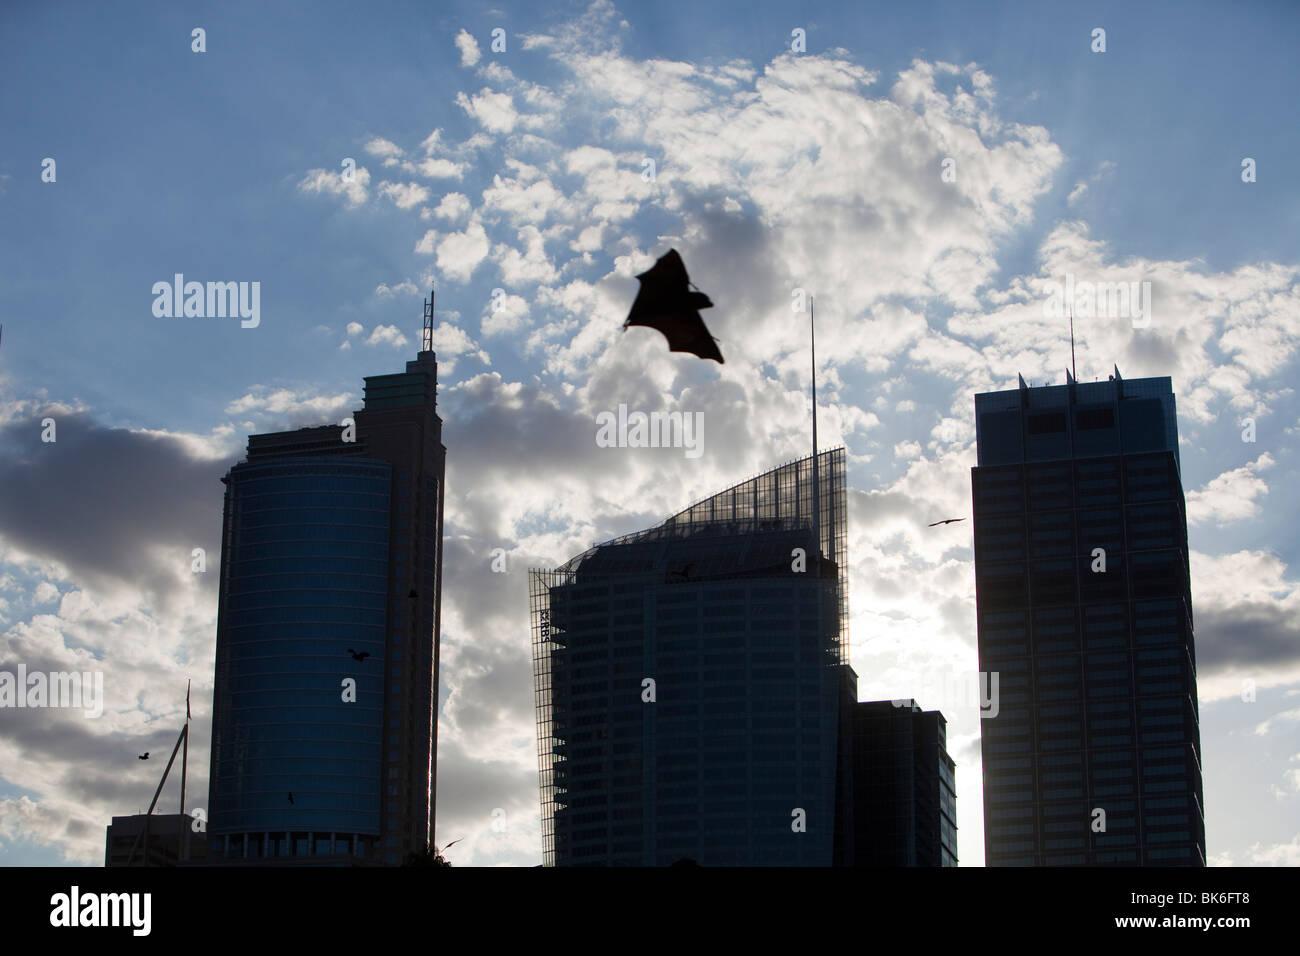 Flughunde fliegen vor Sydney City Center Hochhäusern, Australien. Stockfoto